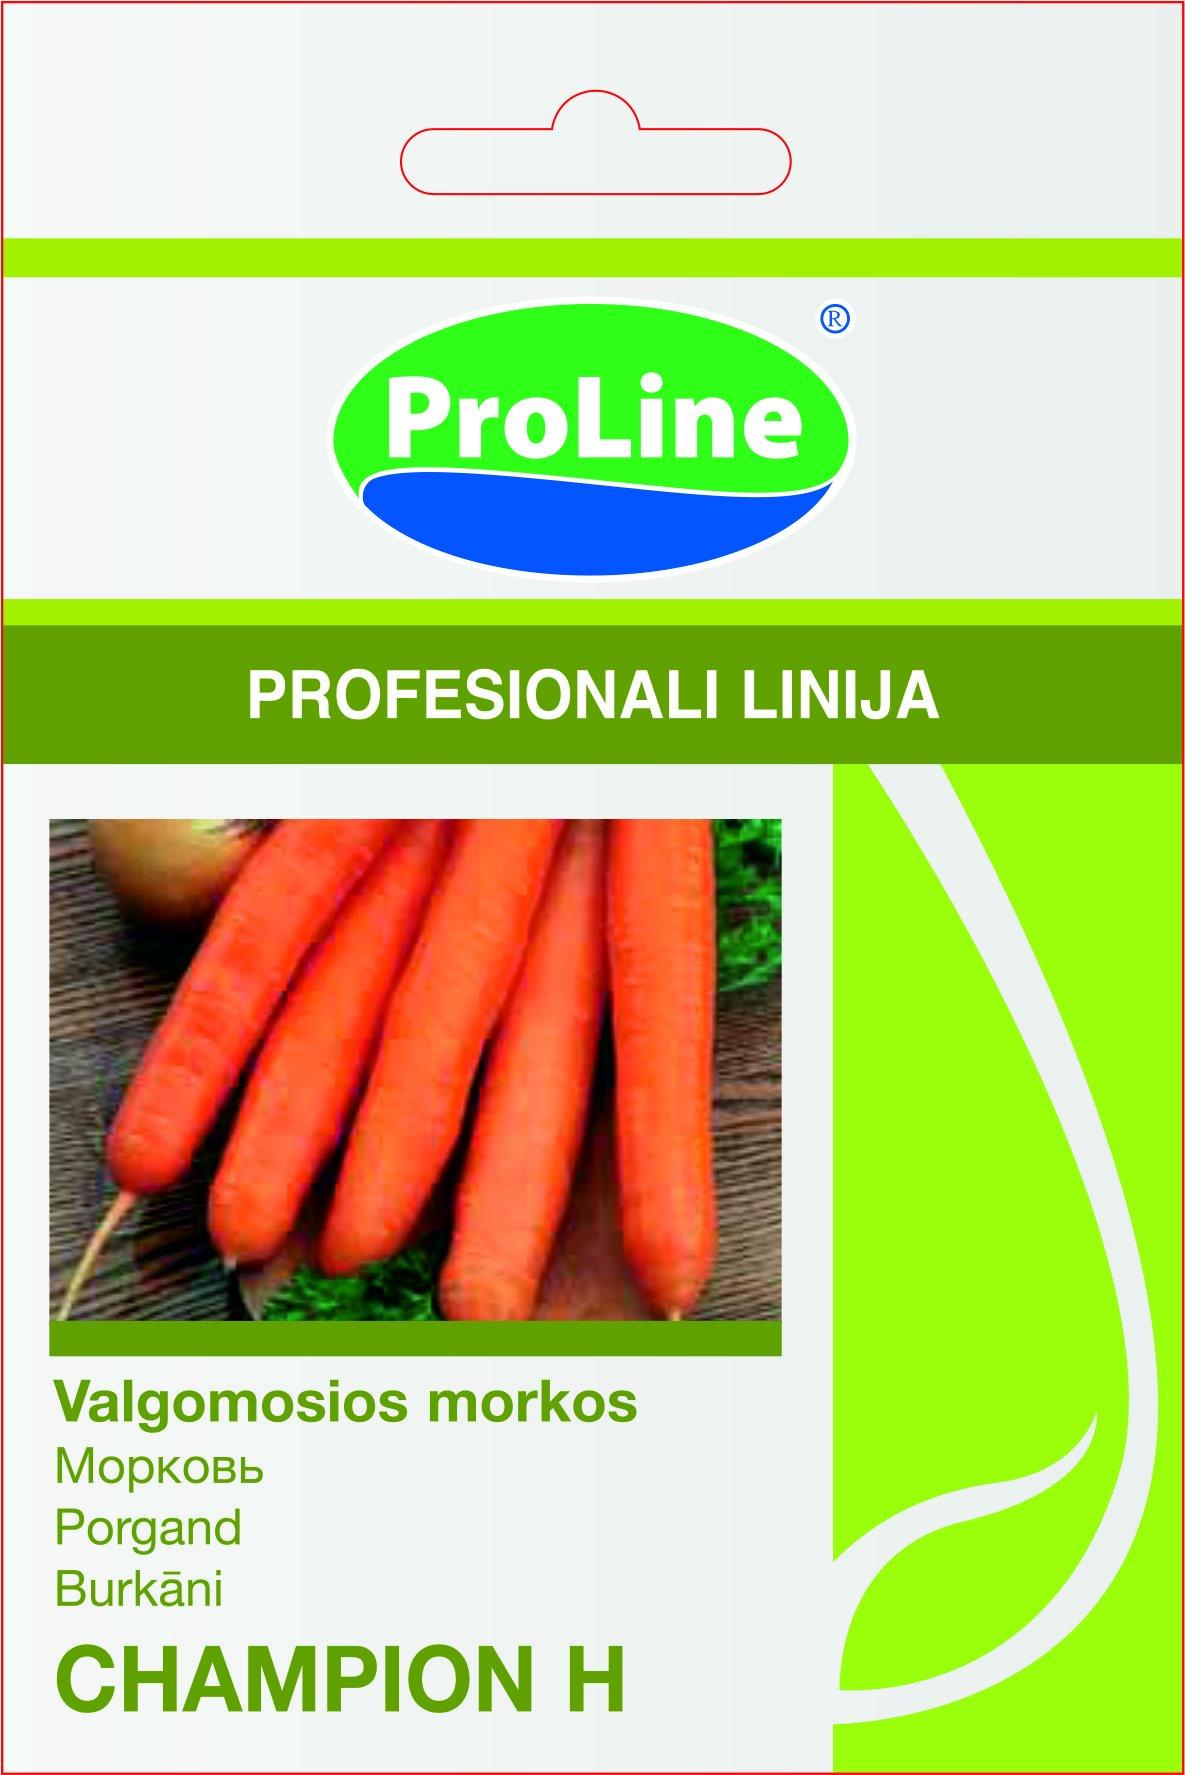 Sėklos daržovių, morkos  CHAMPION H (02-07 mėn).